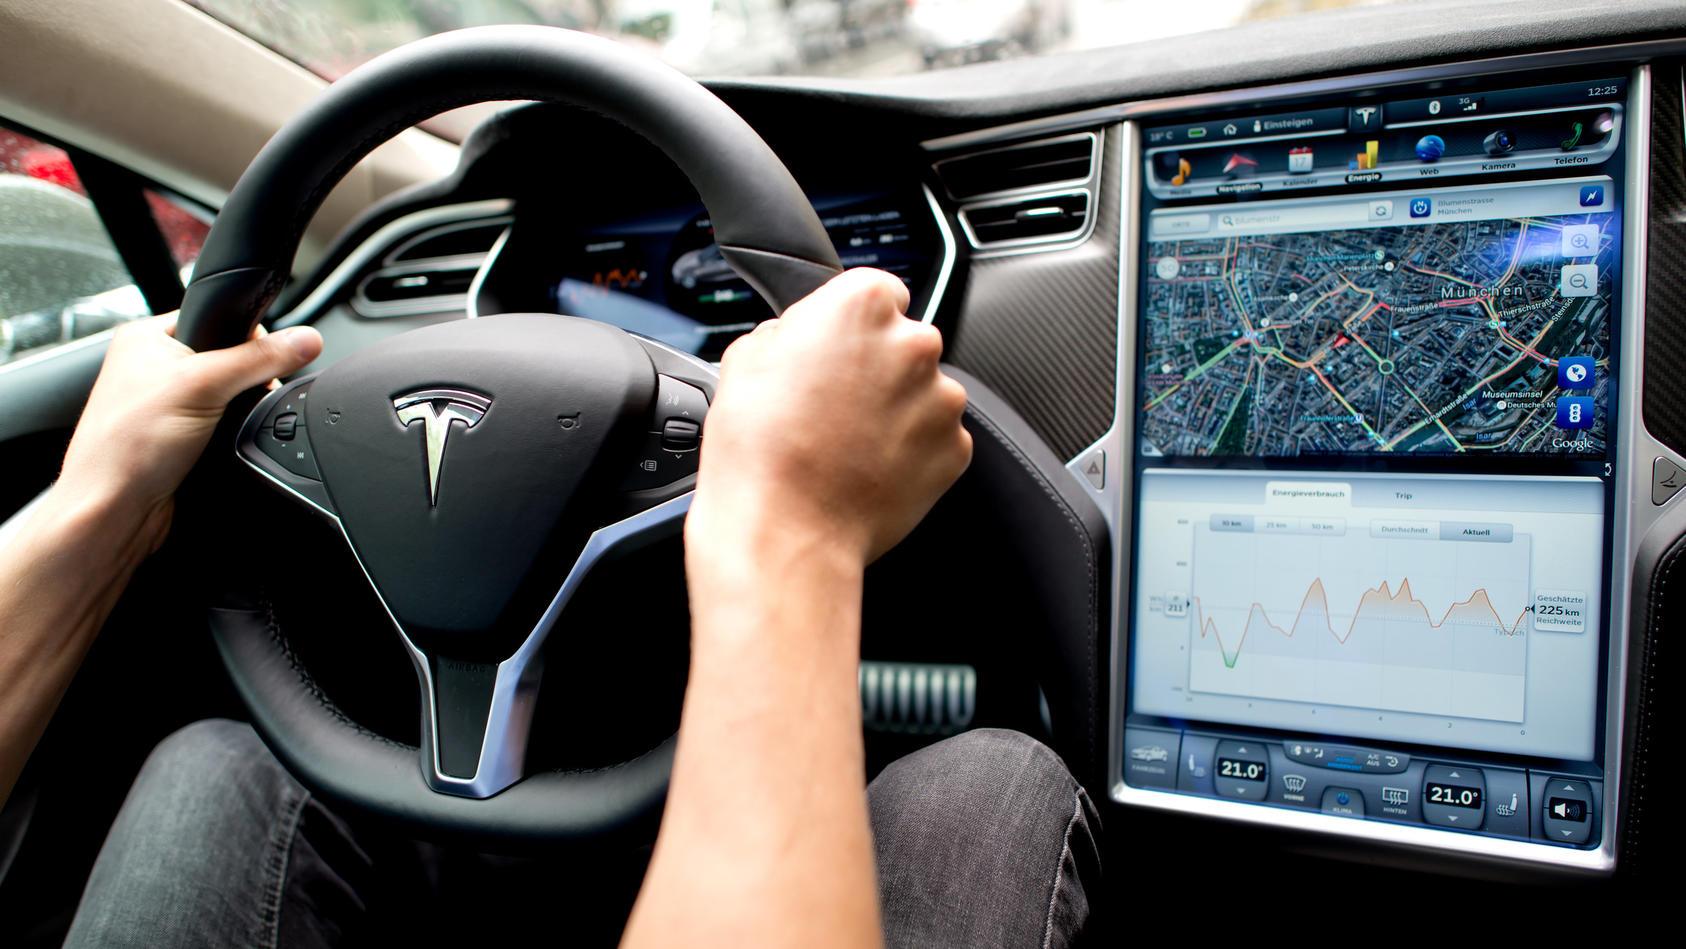 Die Innenausstattung des Tesla gilt immer noch als einzigartig - doch wie lange bleibt das noch so?